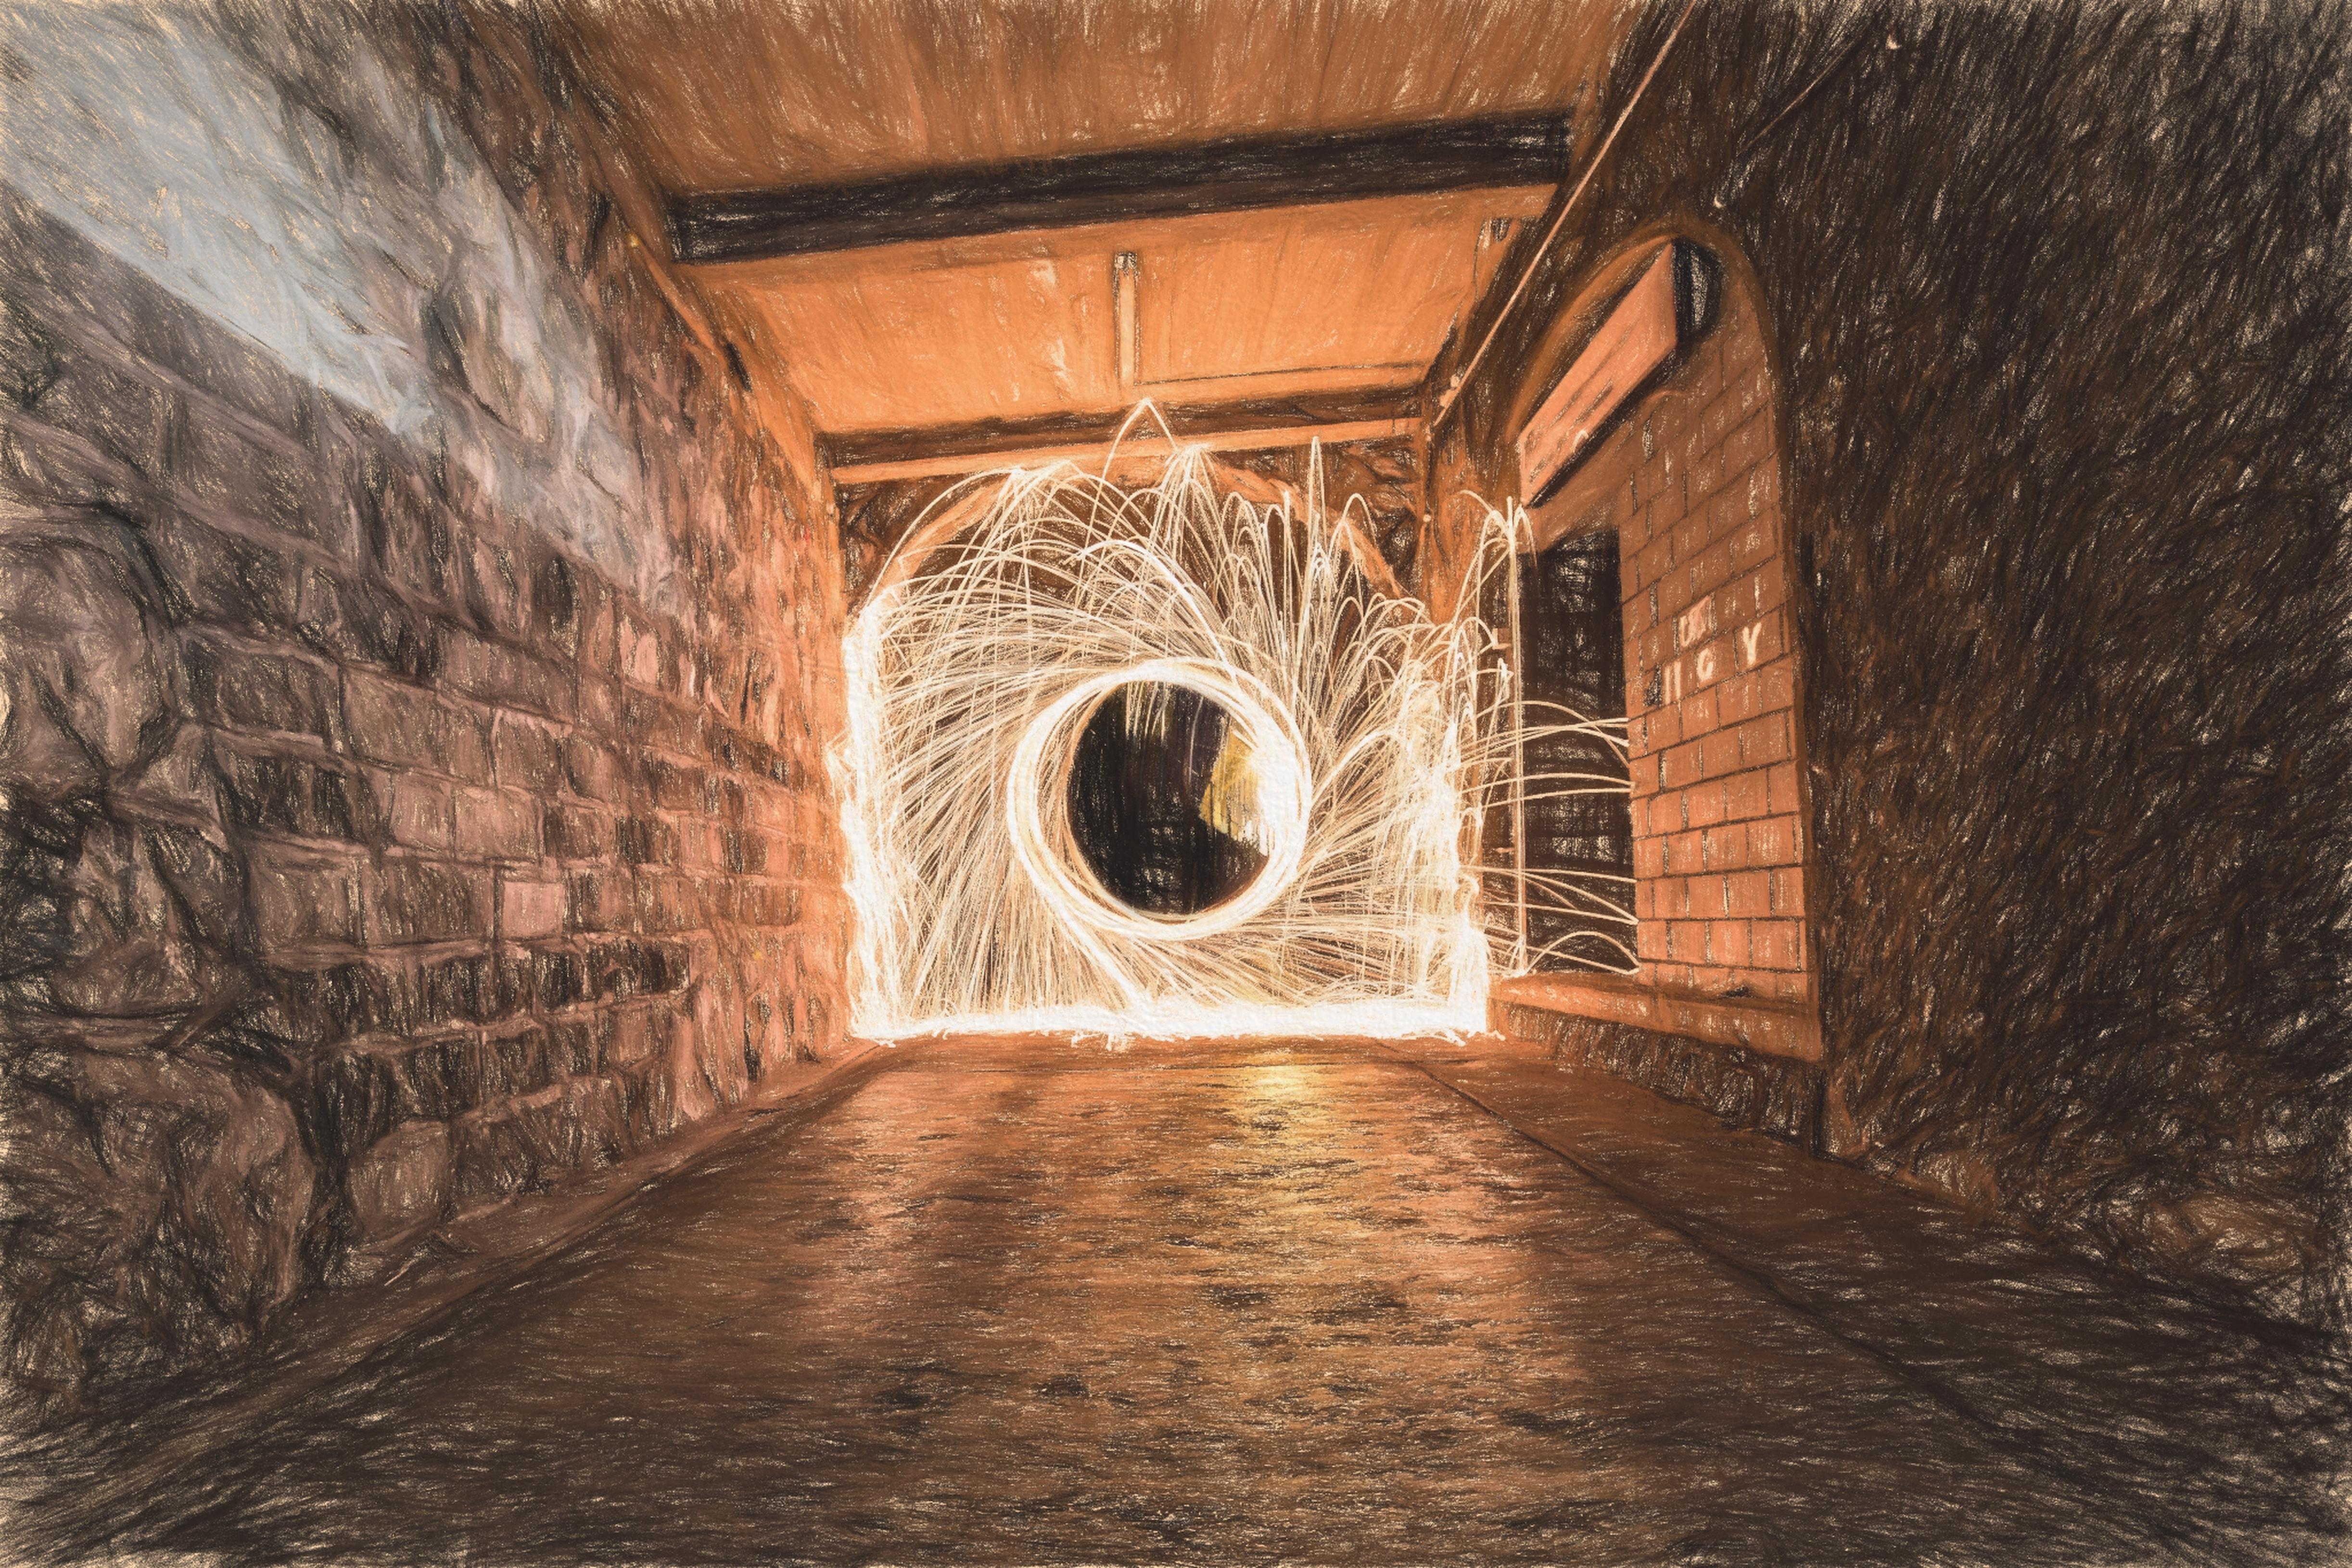 Holz Stehlen kostenlose foto kreativ licht holz mauer tunnel stehlen